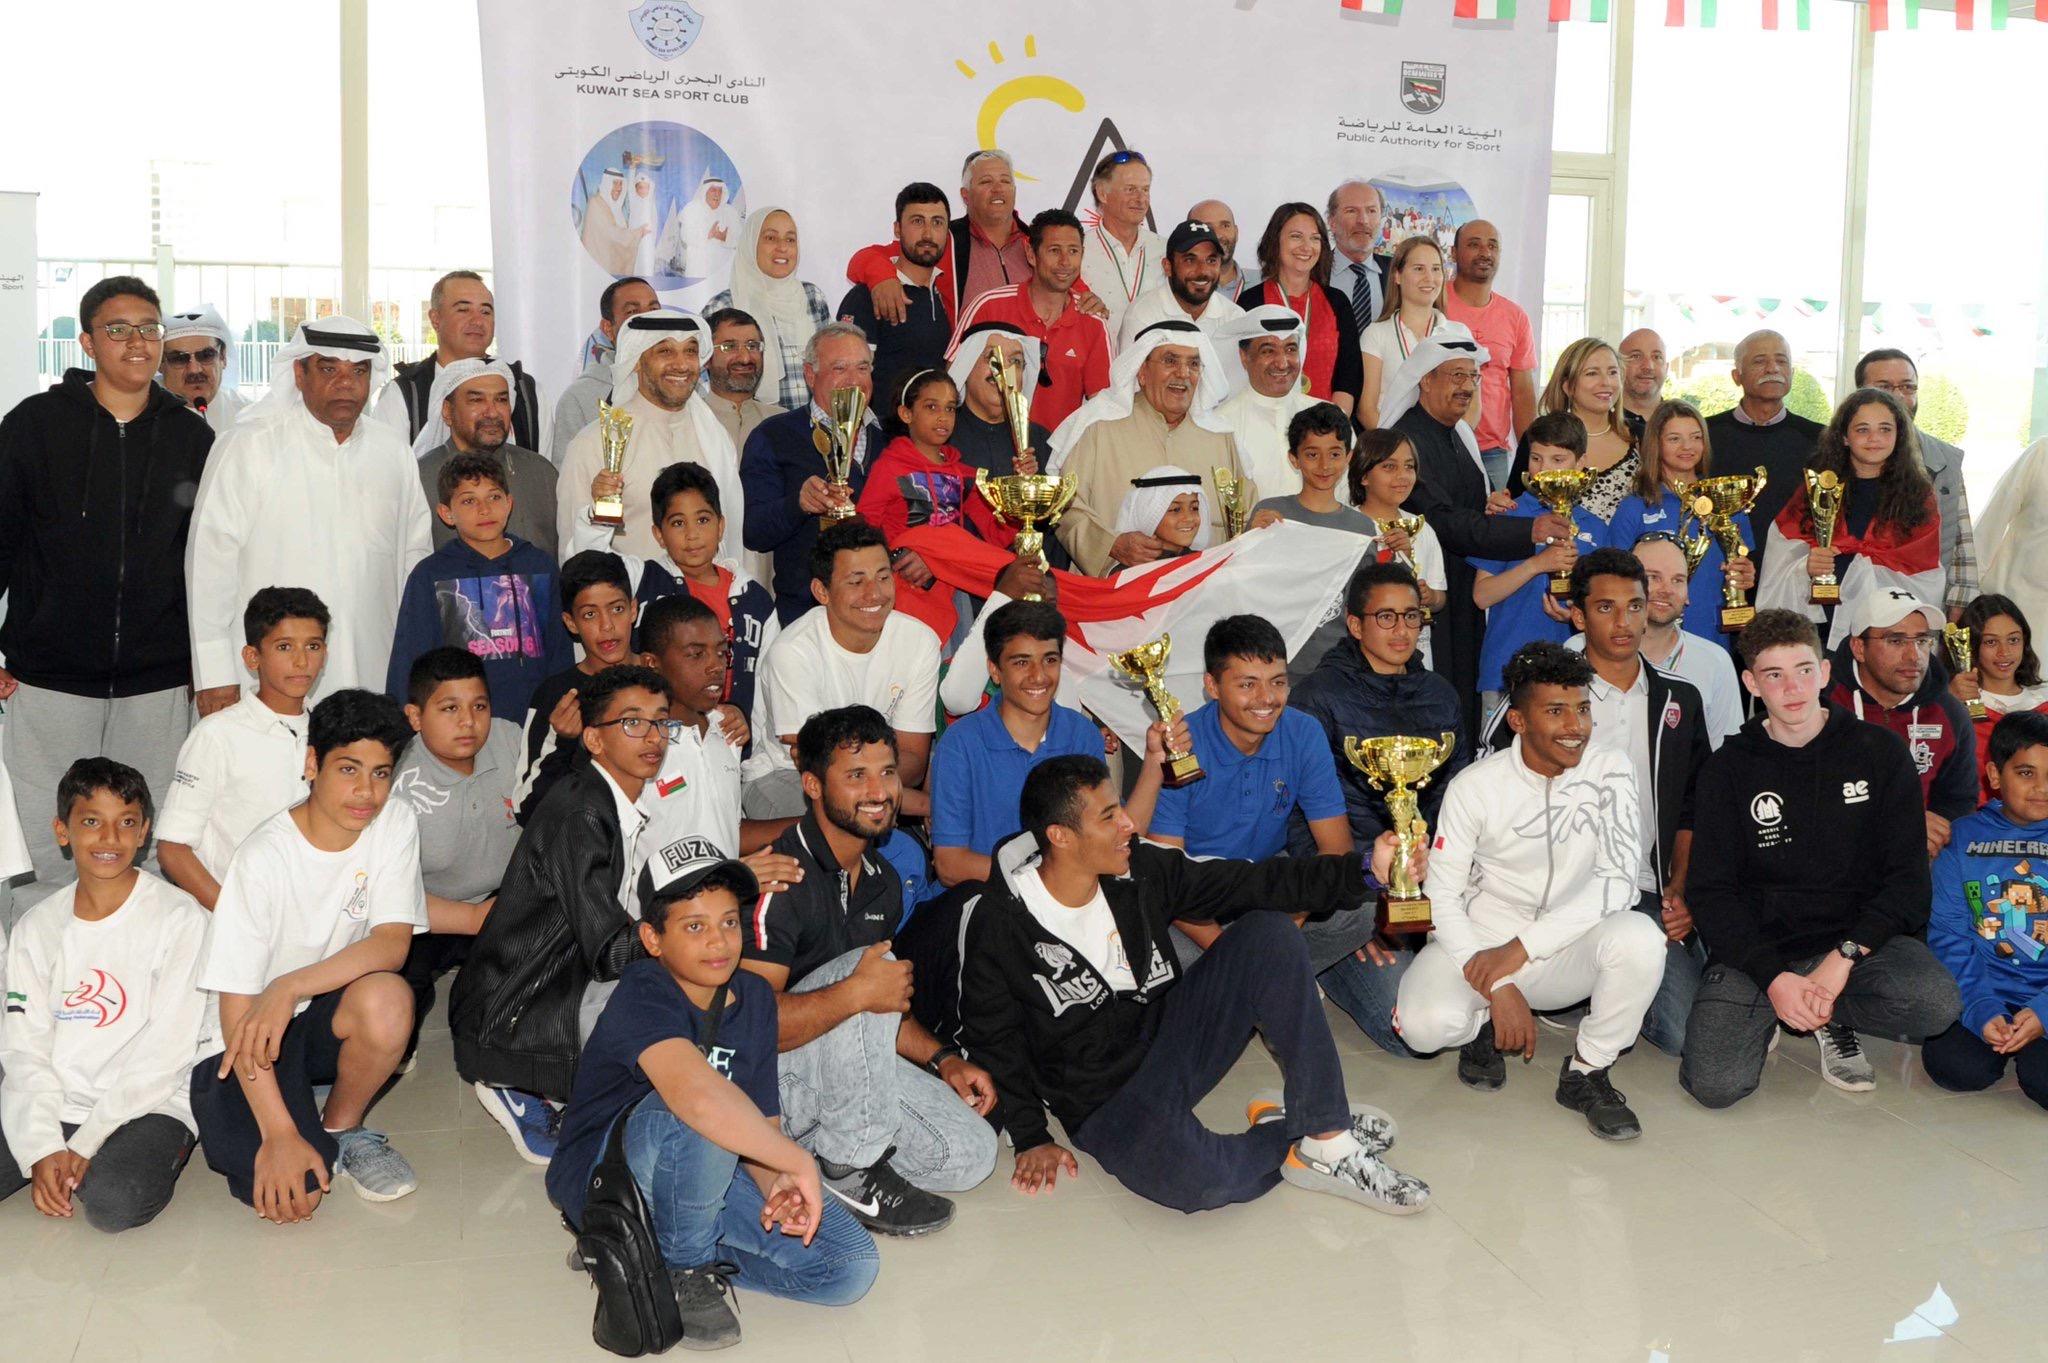 الآن | #جريدة_الآن بطولة الكويت الدولية ال12 للقوارب تختتم منافساتها